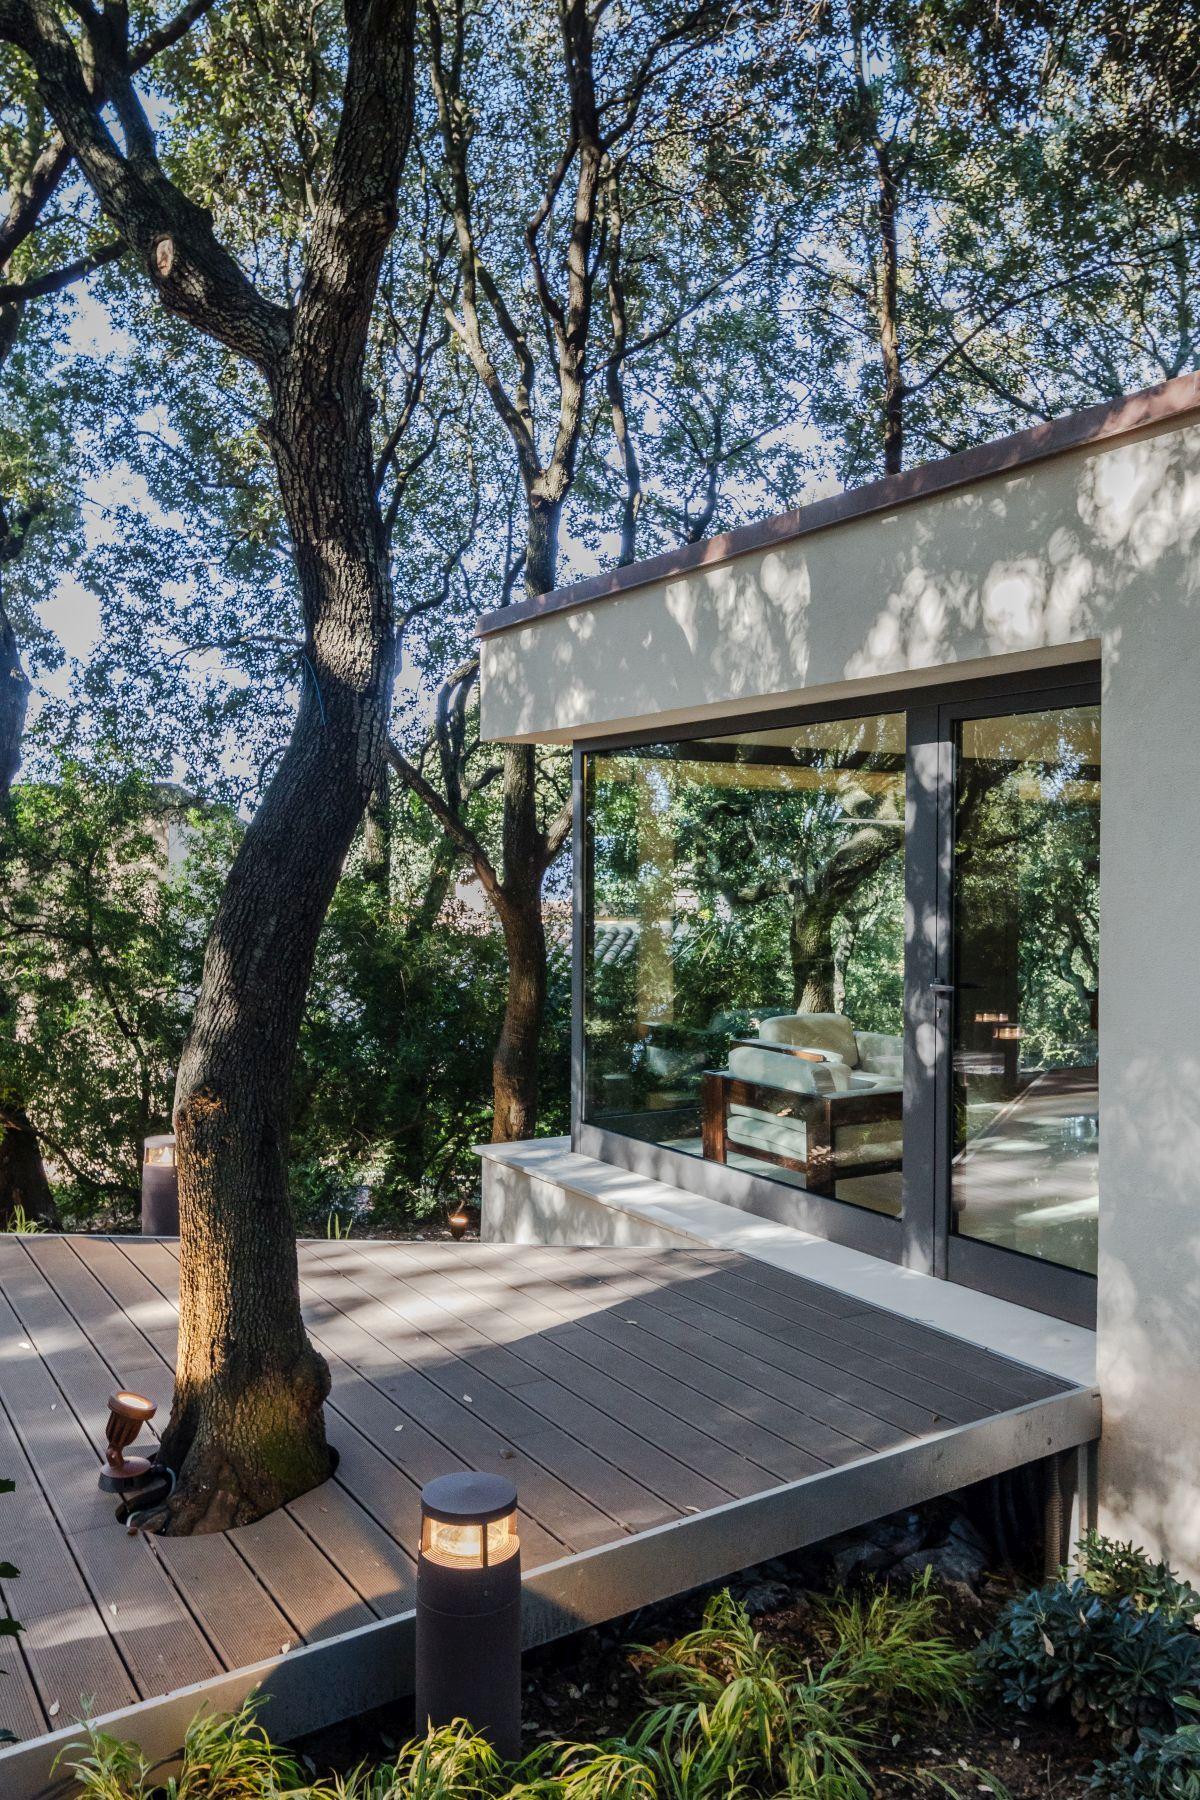 Casa nel Bosco preserved nature